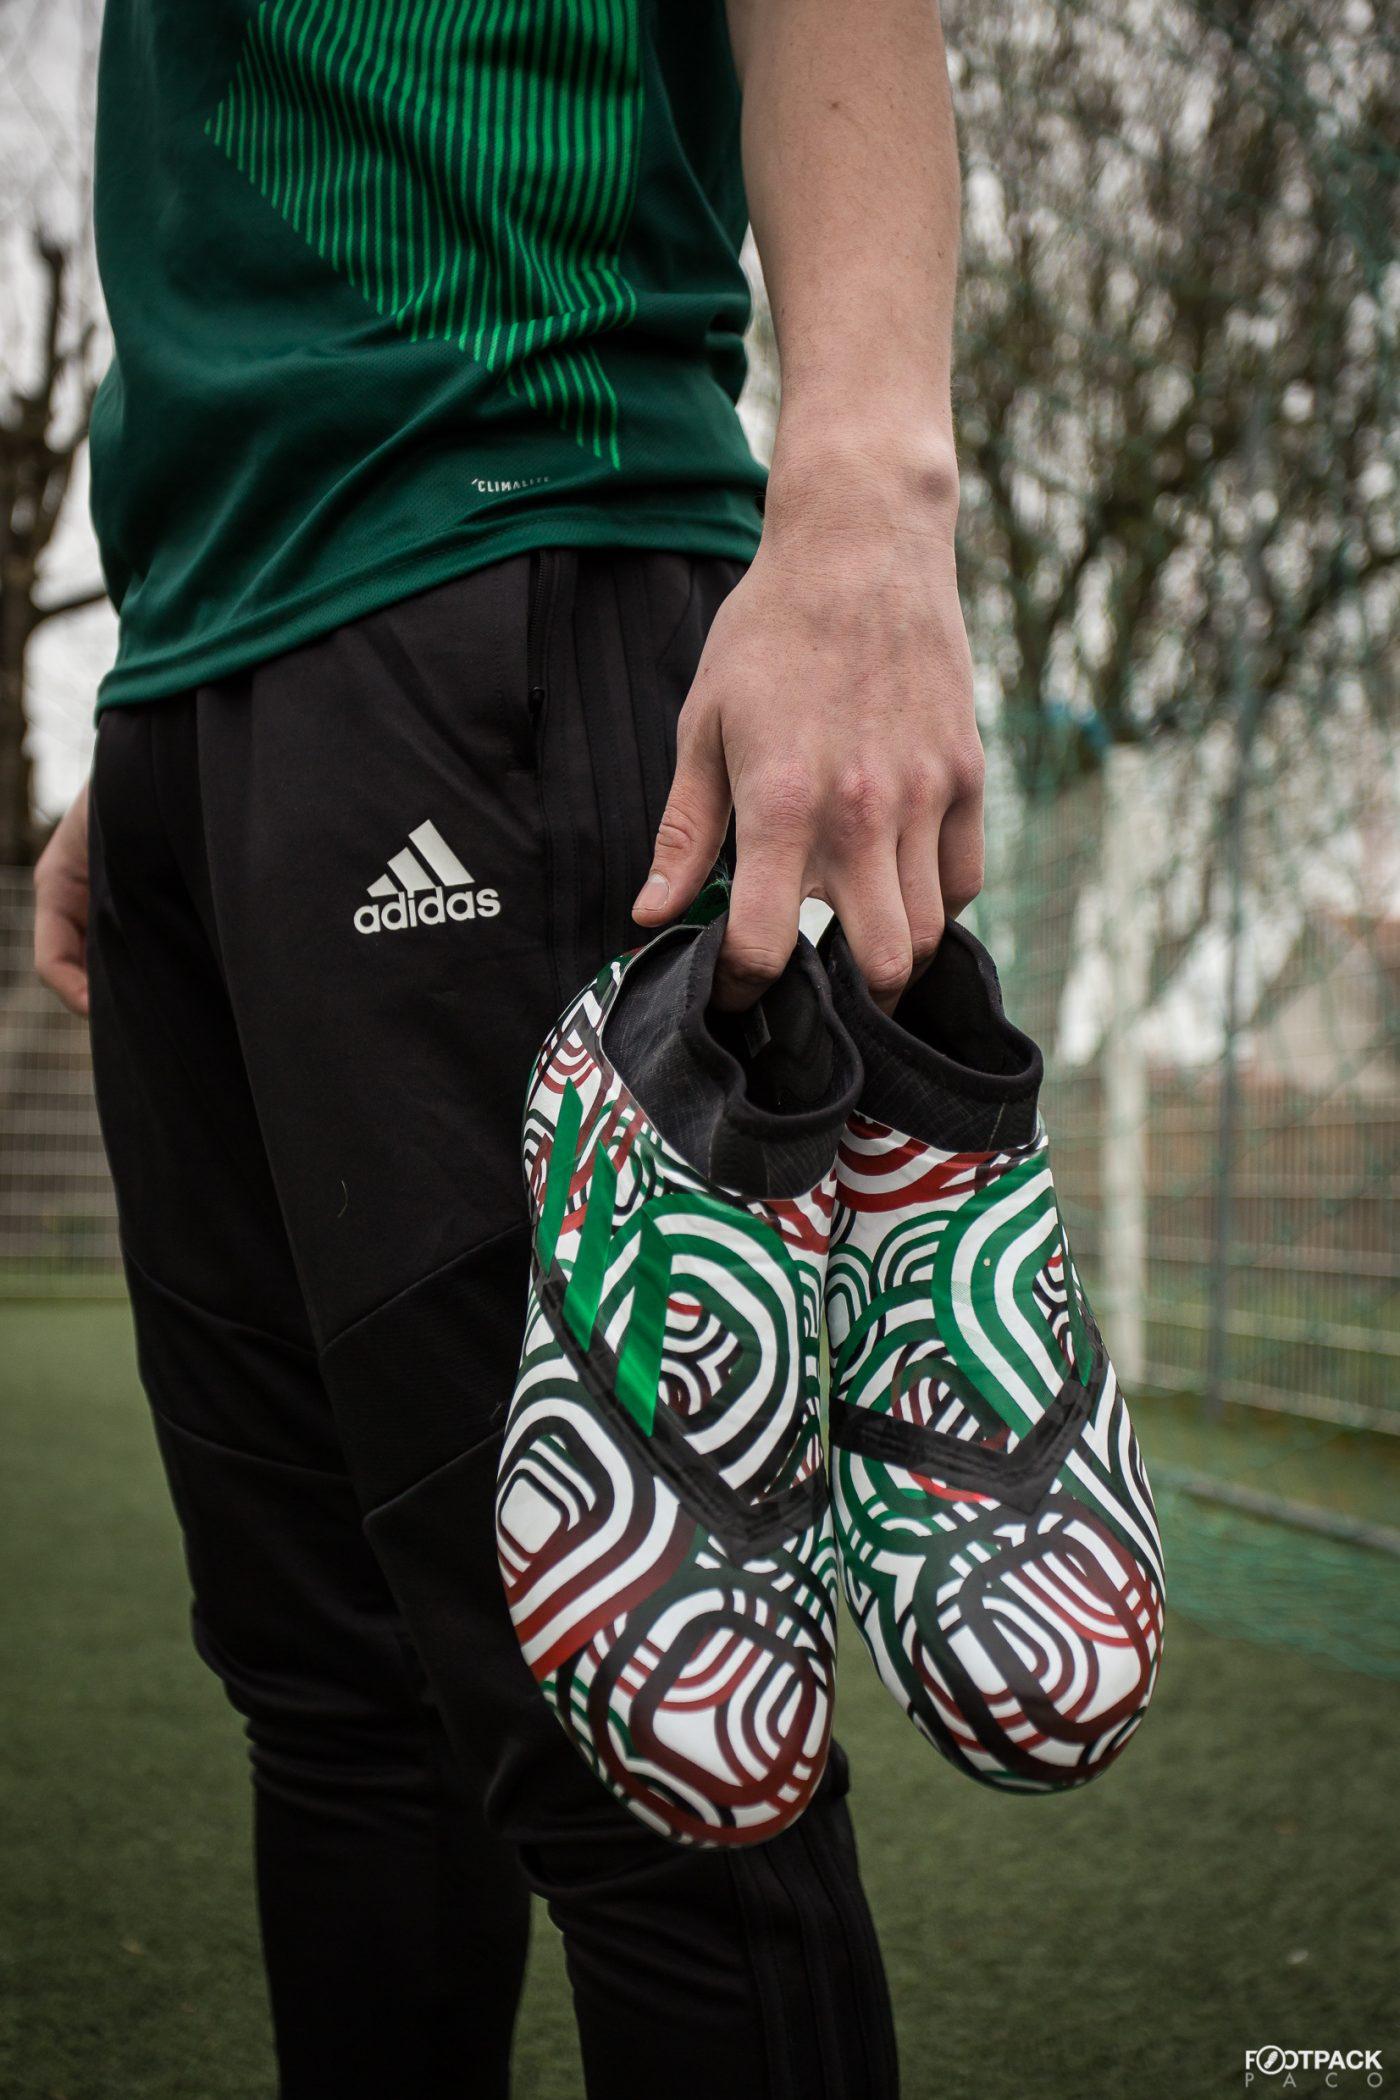 adidas-glitch-number-skin-numberskin-footpack